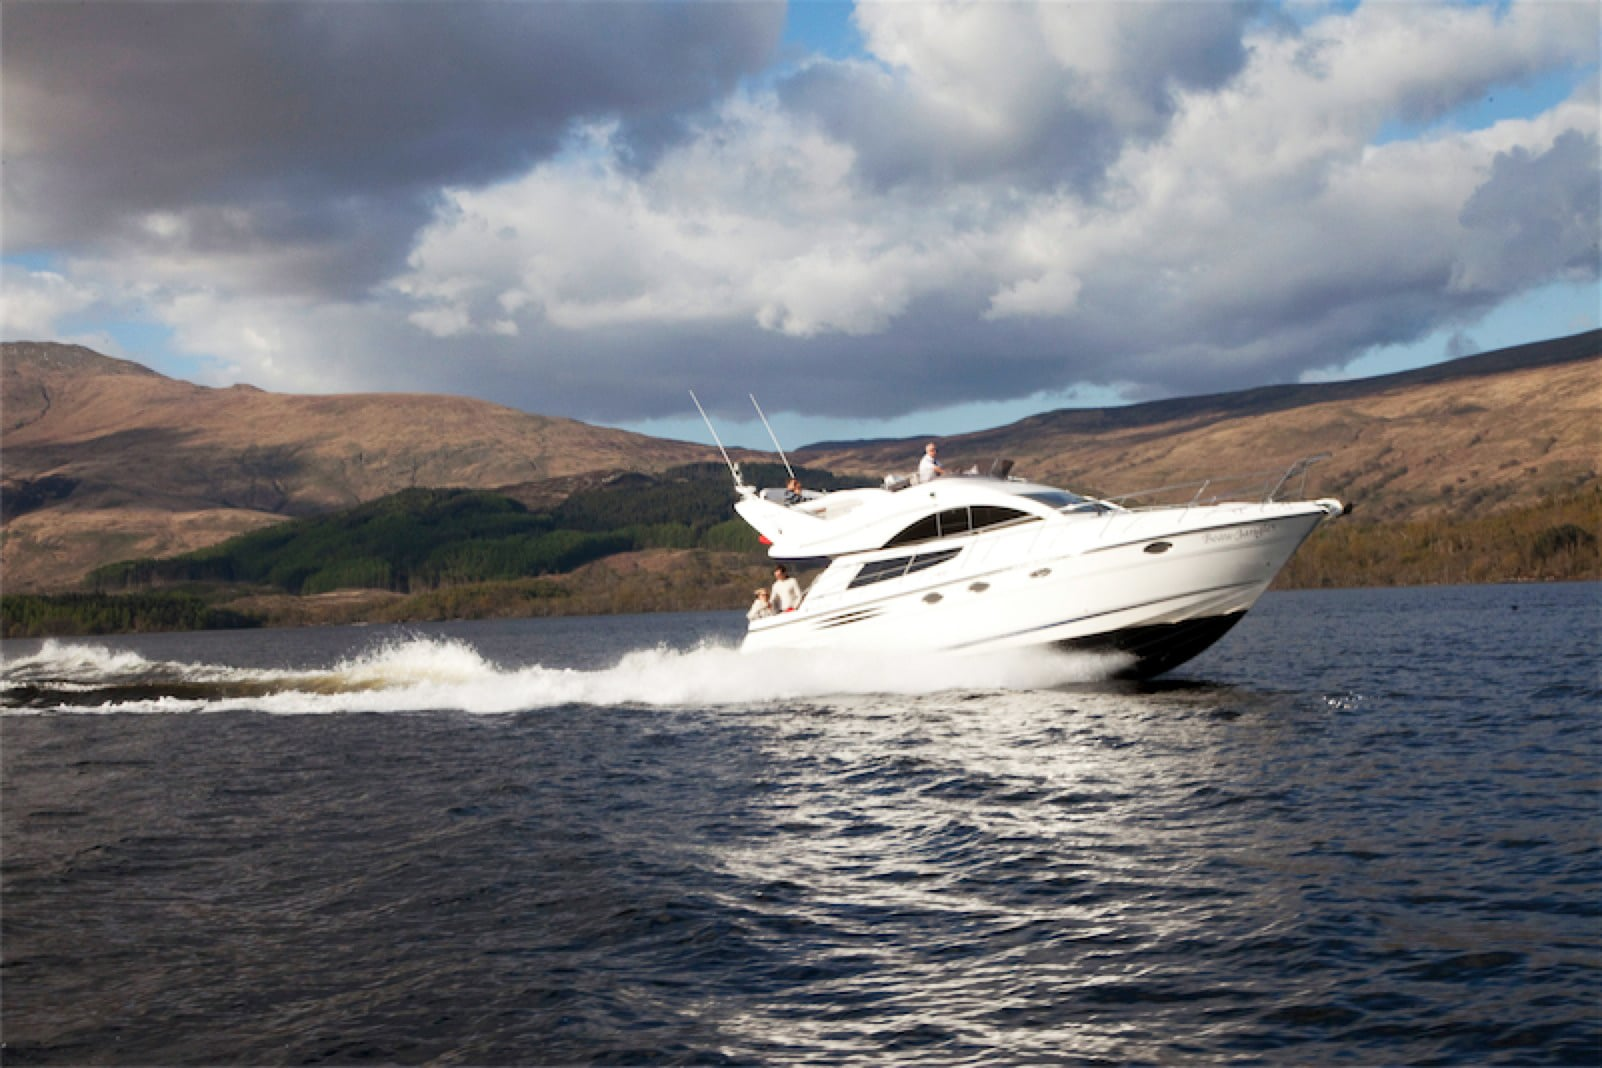 Beau Jangles Boat on Loch Lomond